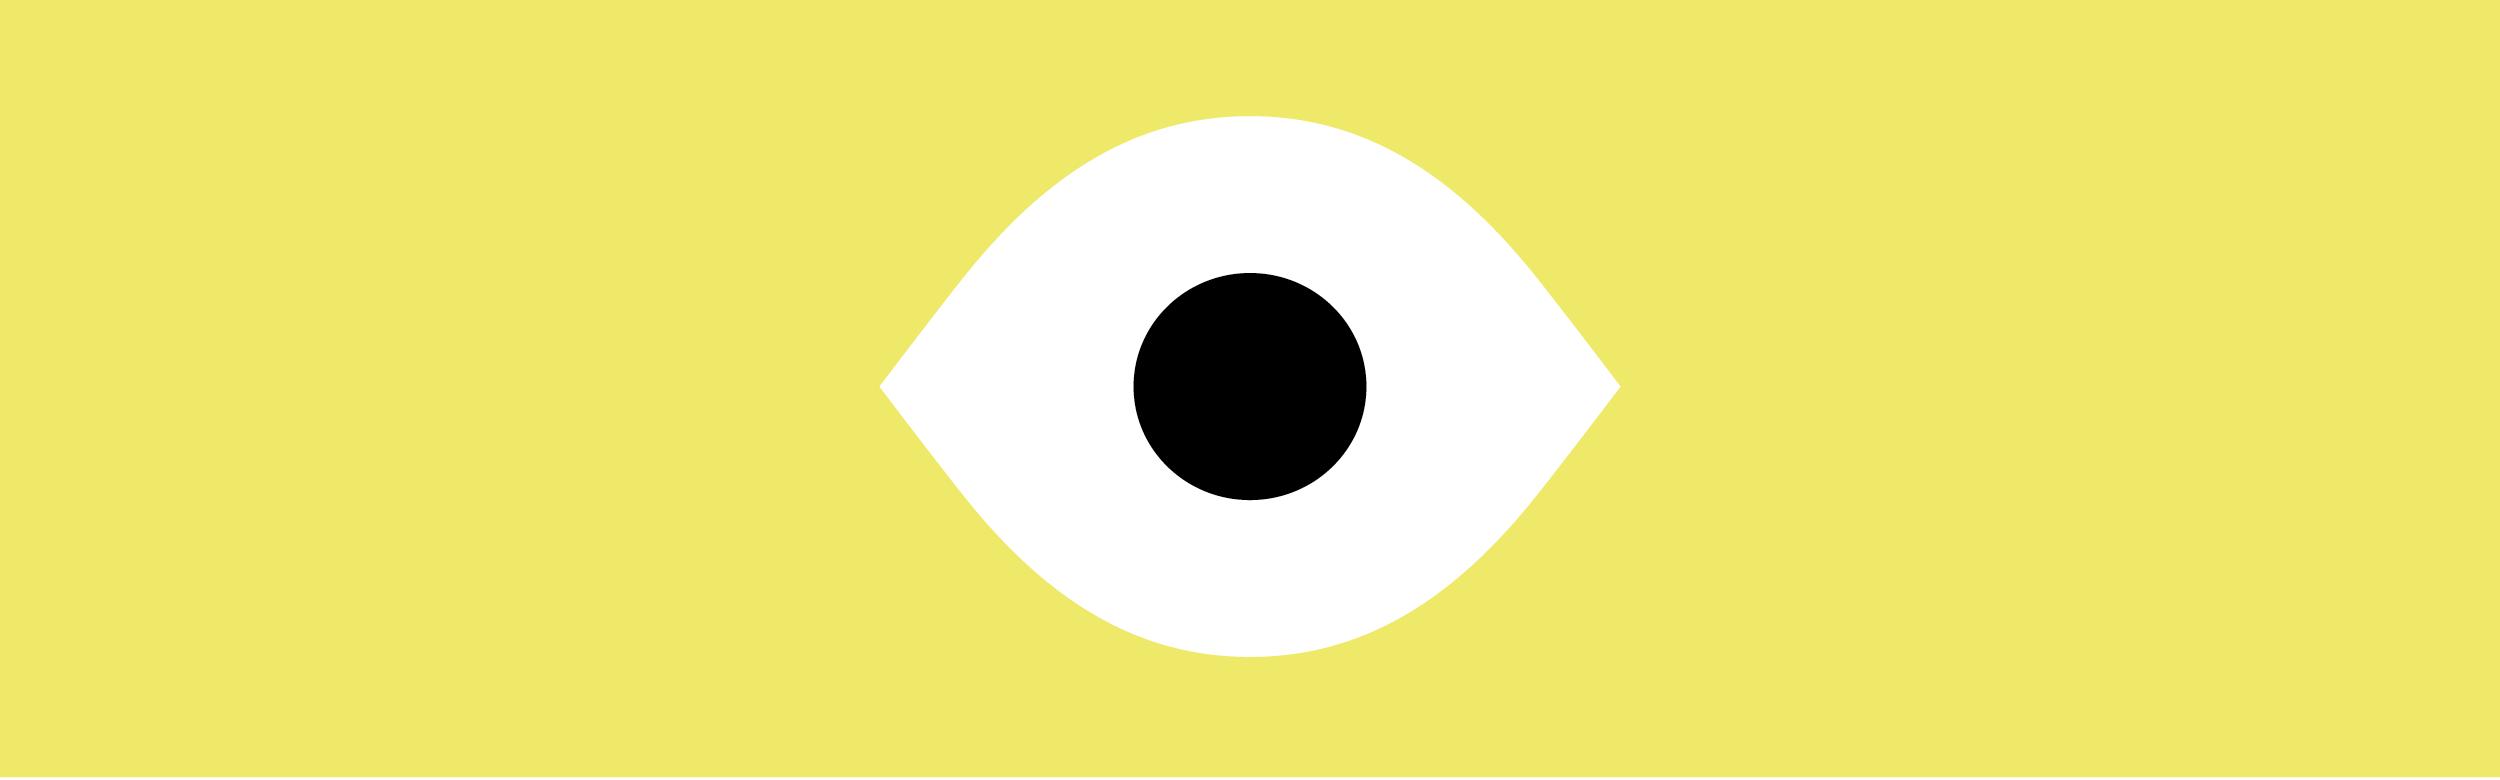 Vignette jaune